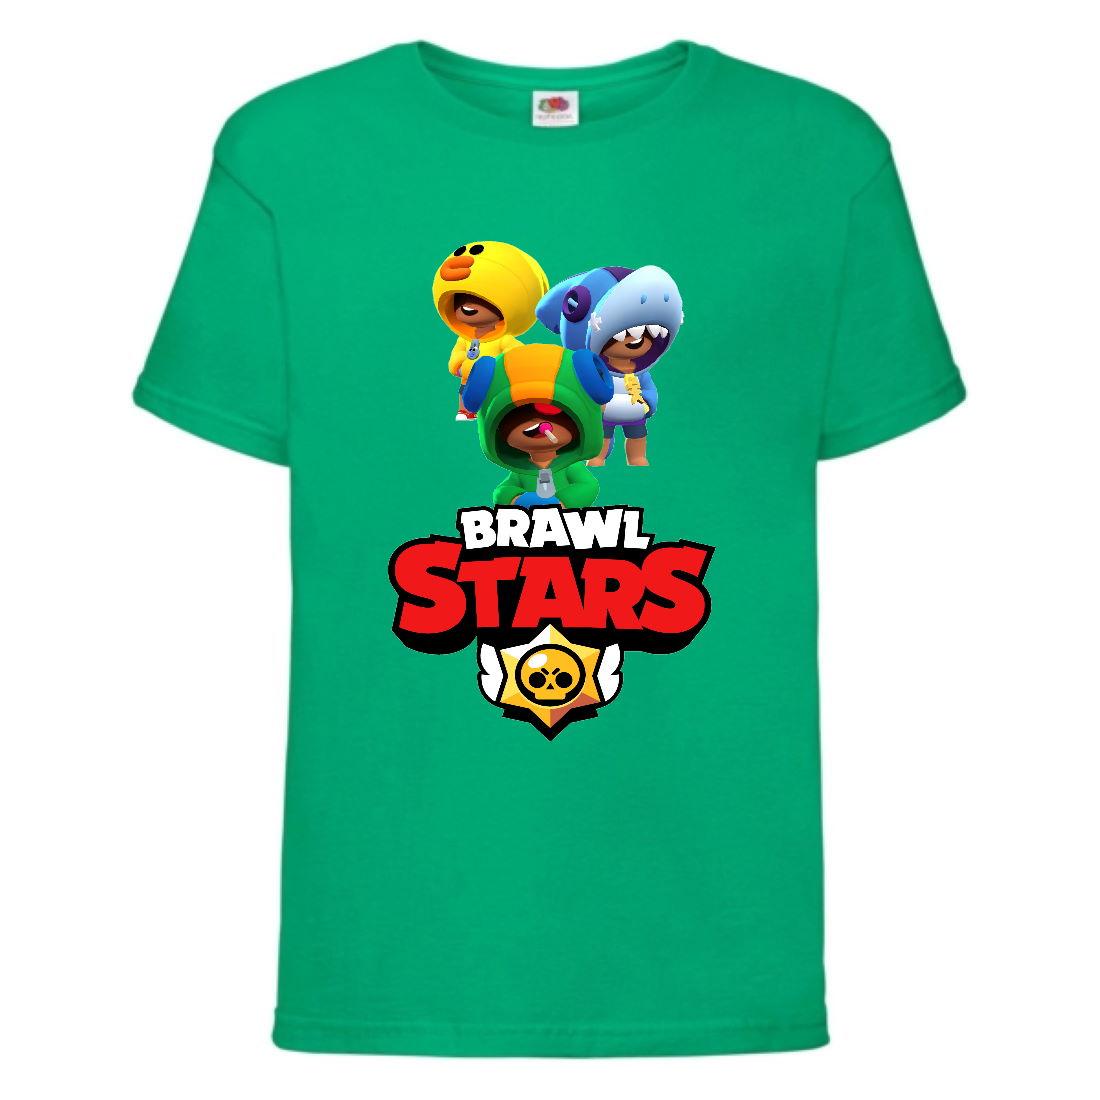 Футболка детская Бравл Старс Три Лиона (Brawl Stars Bea 3 Lion) зелена